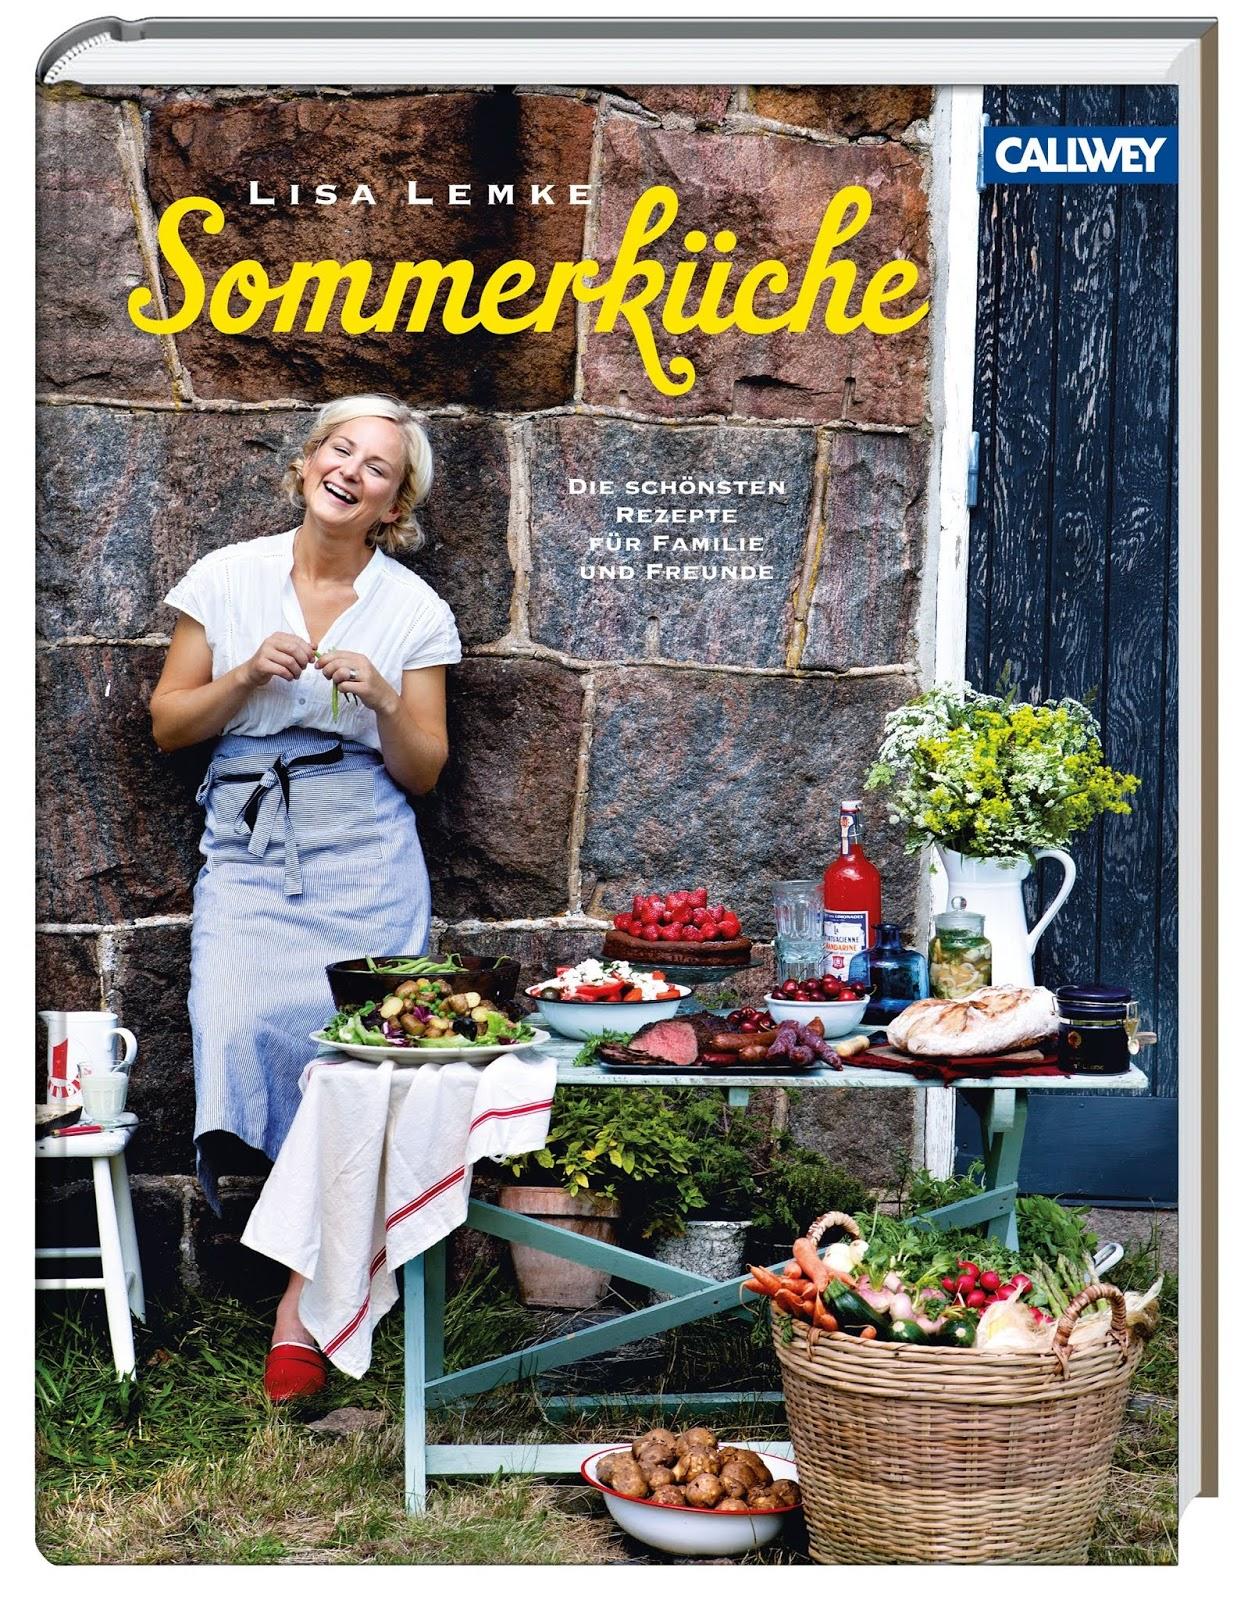 Kochbuchsüchtig: Sommerküche - Die schönsten Rezepte für Familie und ...